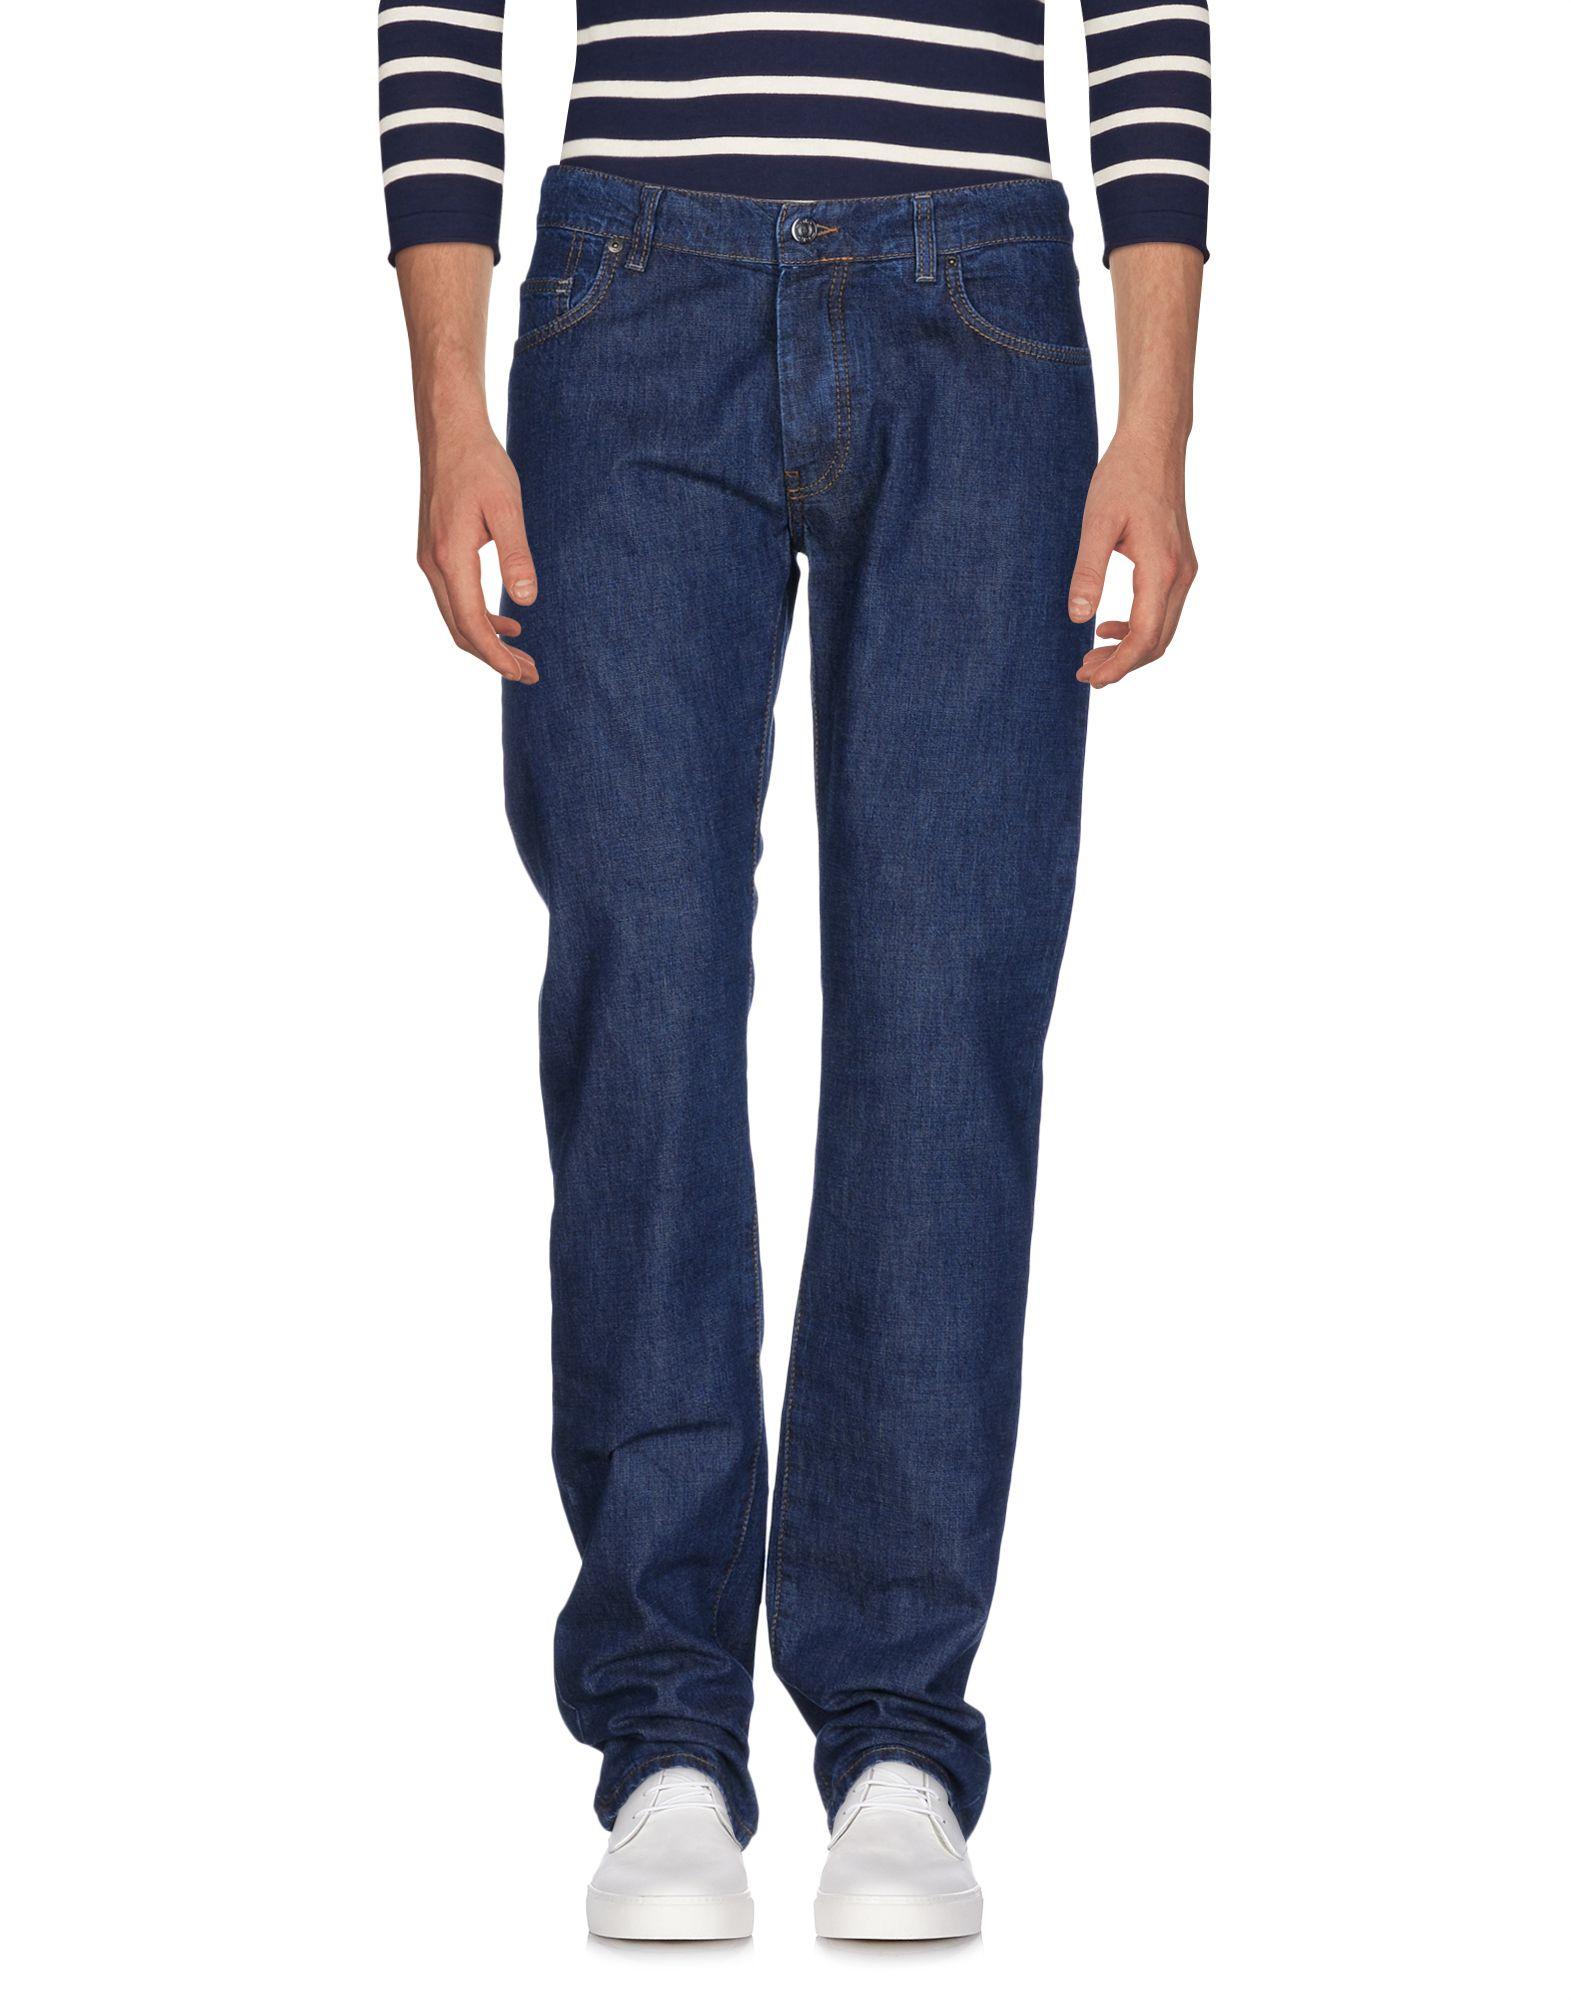 Pantaloni Jeans Malo Donna - Acquista online su